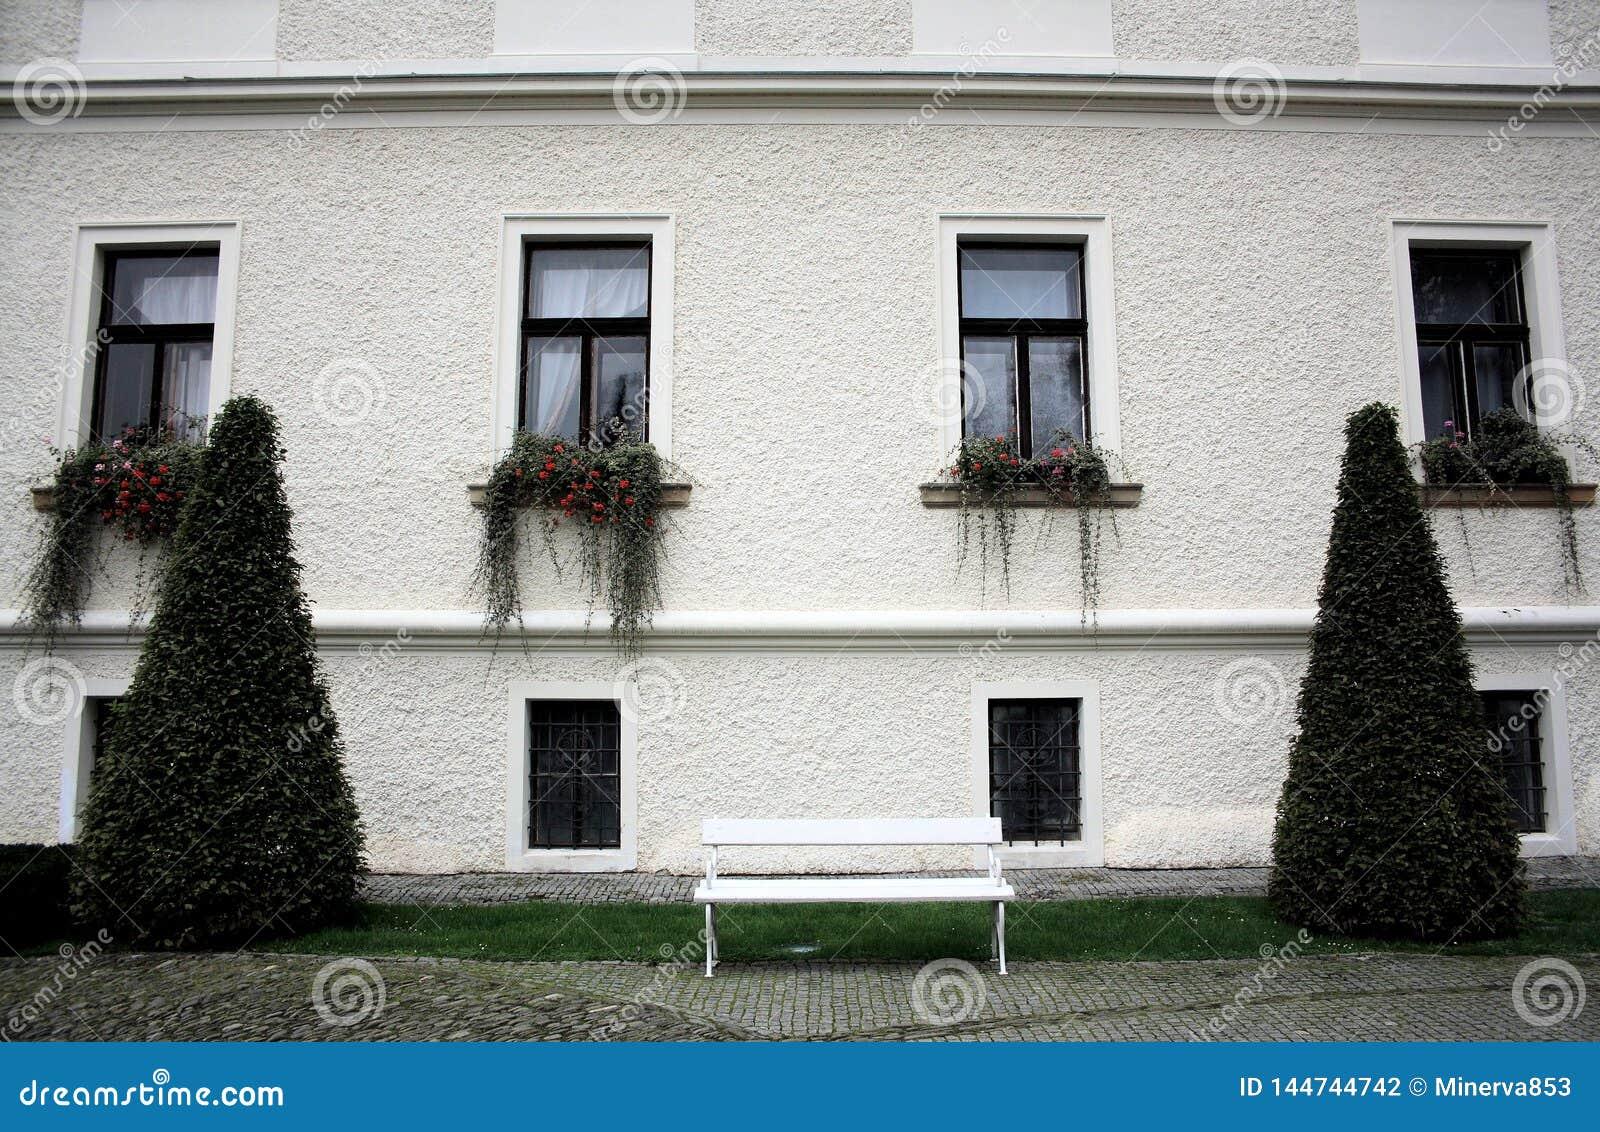 Weiße Wand mit vier langen Fenstern und Anlagen, zwei Konus-förmige Büsche und eine weiße Bank